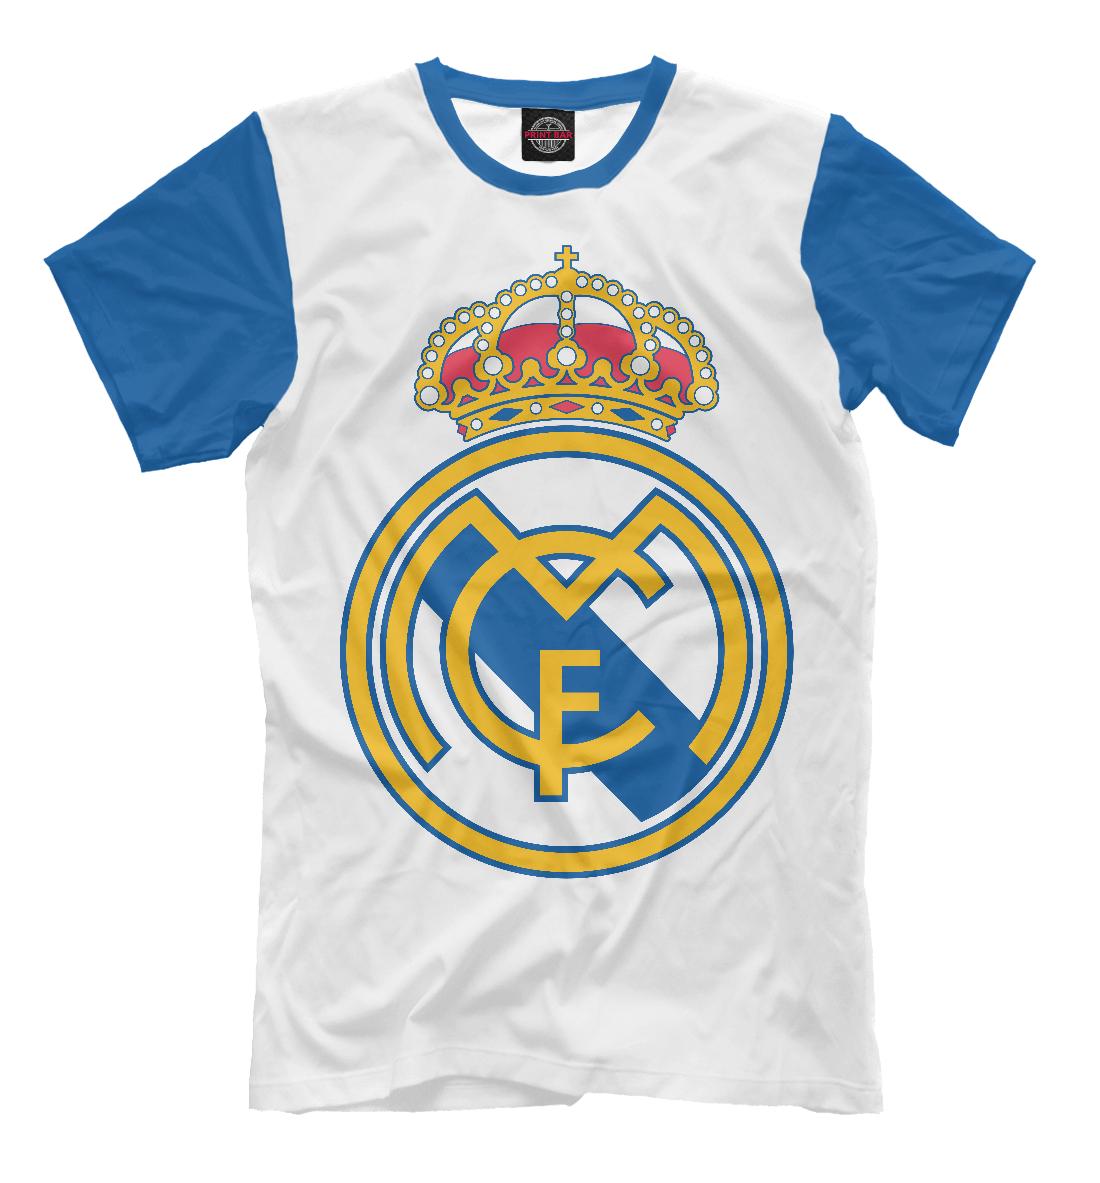 Реал Мадрид, Printbar, Футболки, REA-630152-fut-2  - купить со скидкой